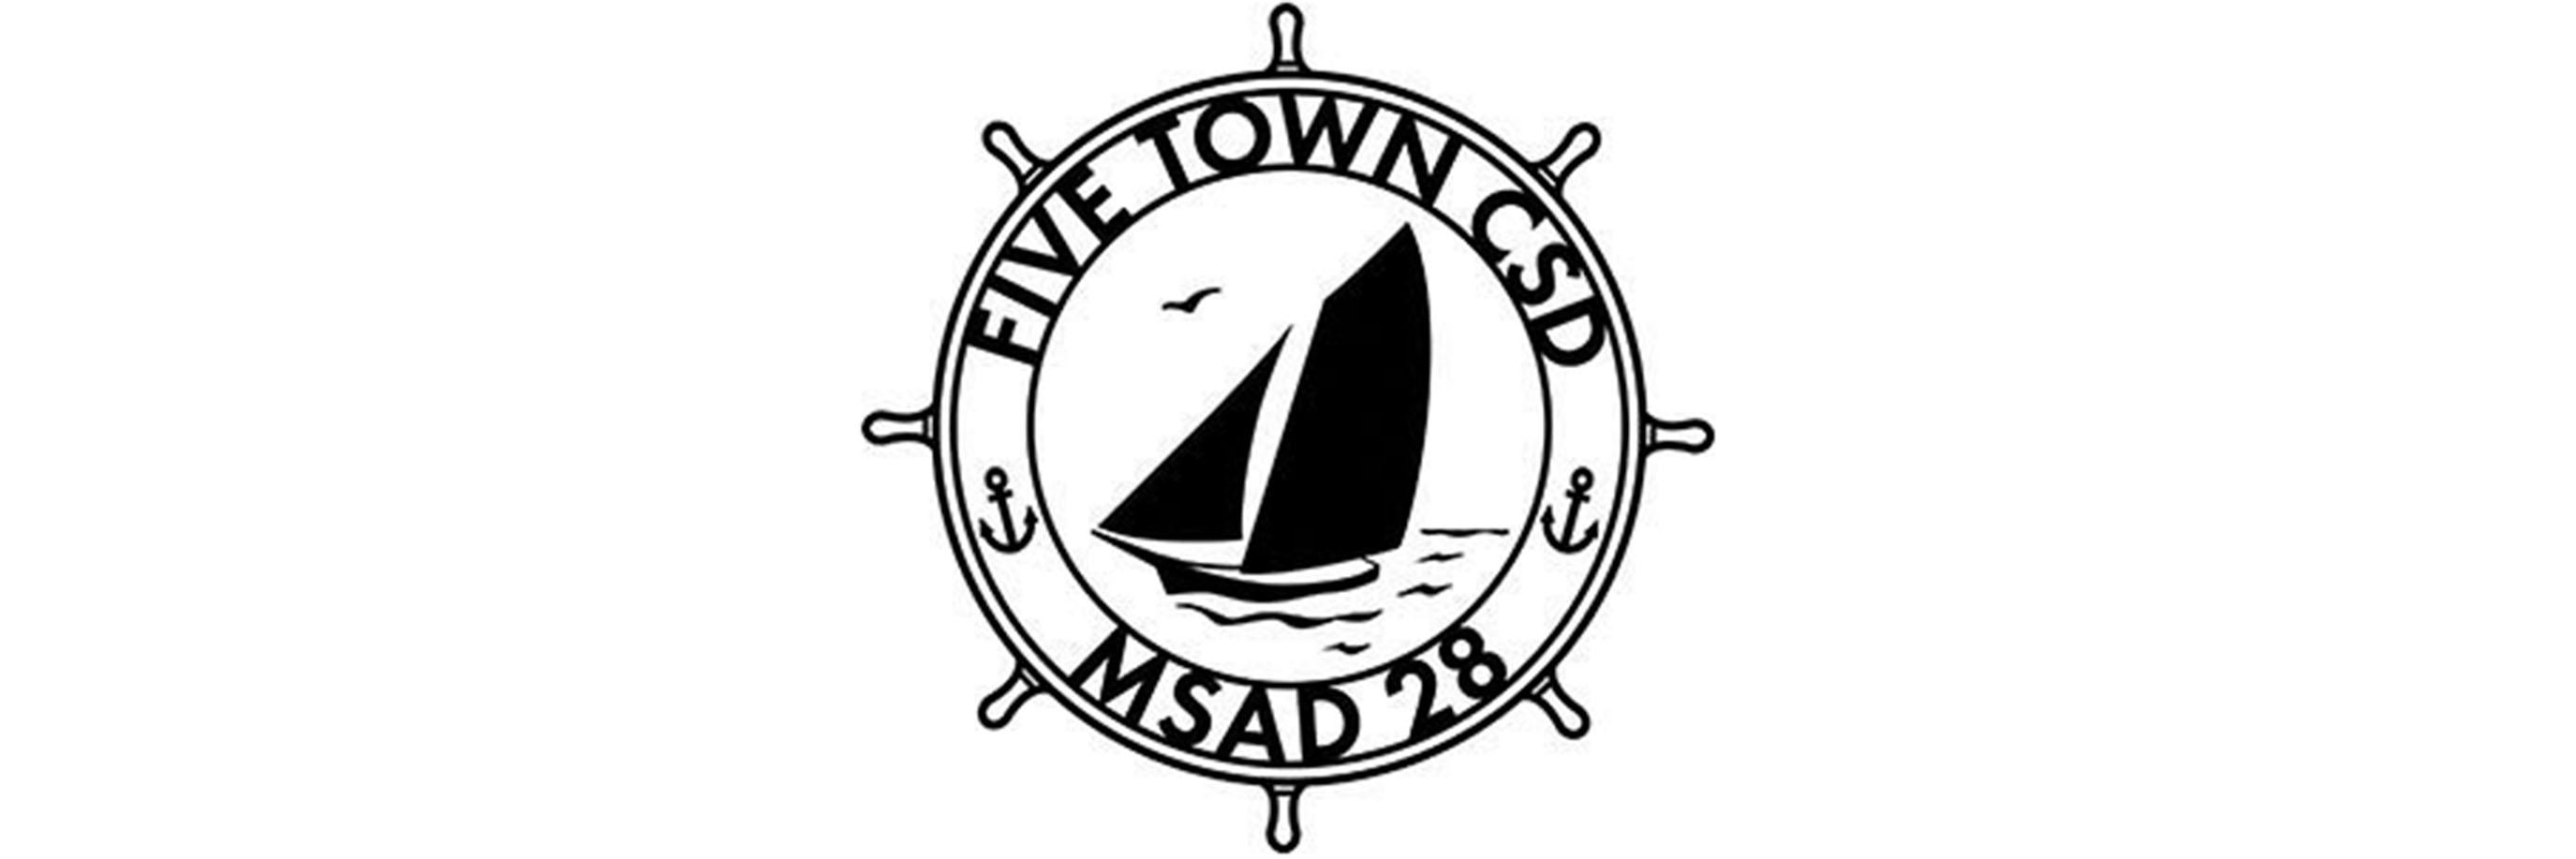 Five Towns CSD